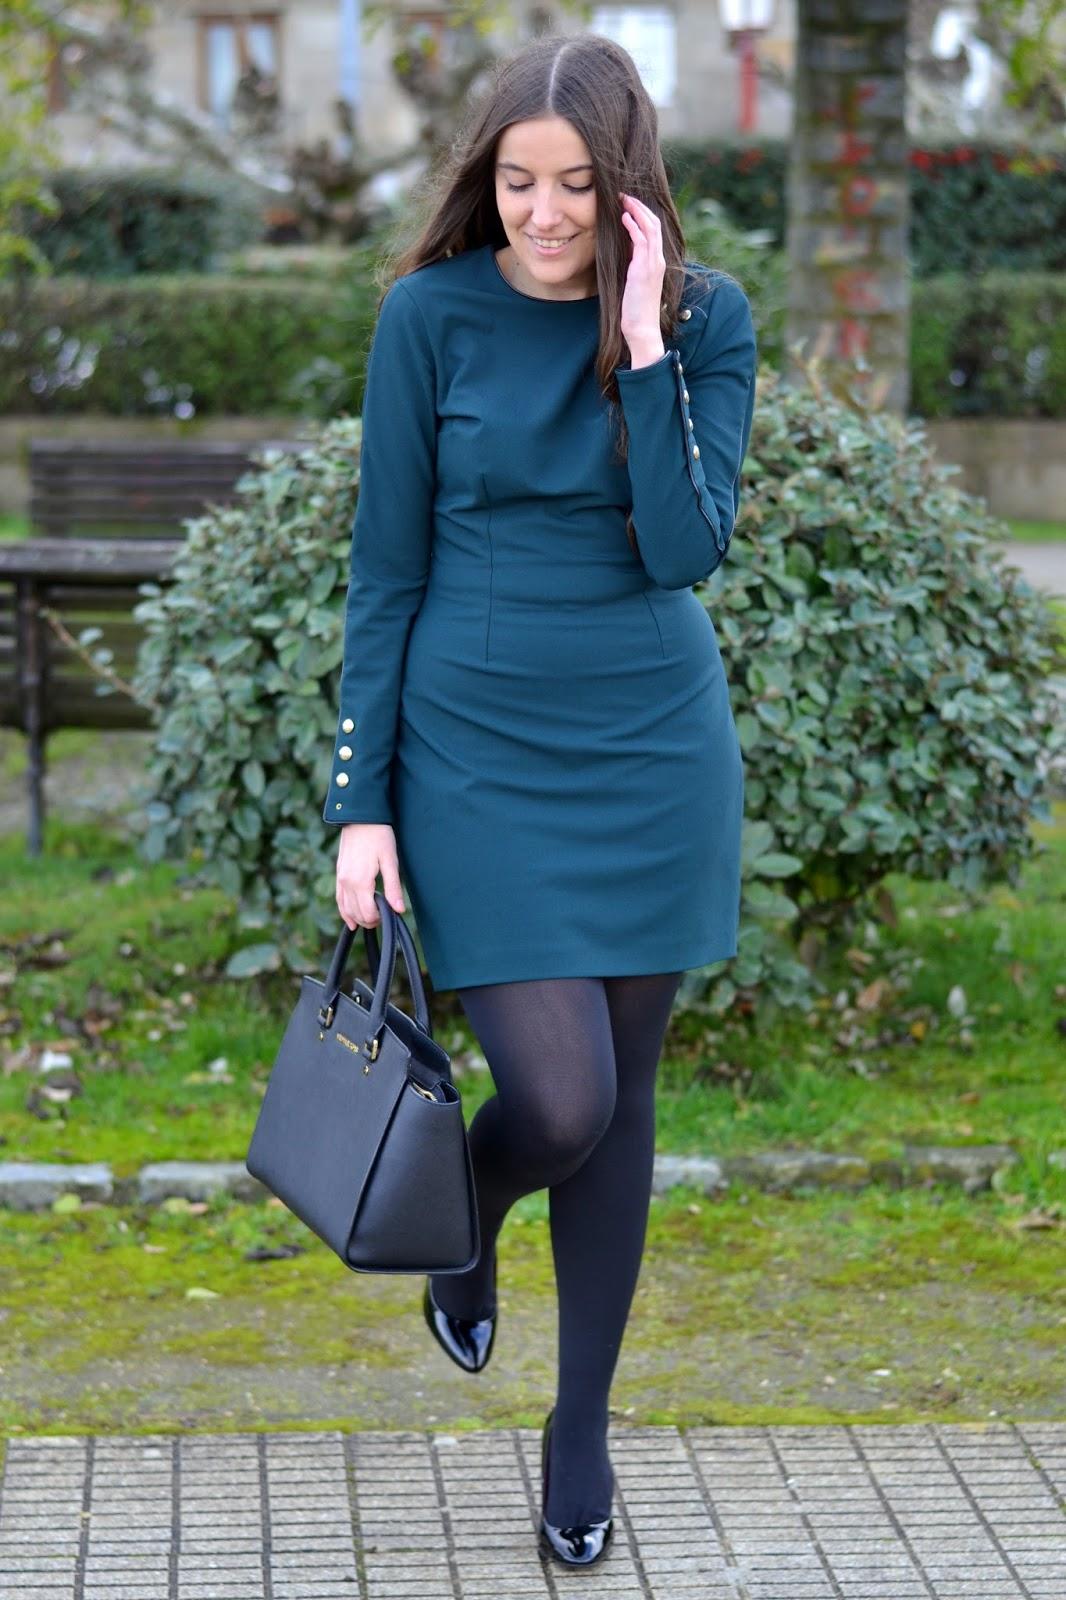 vestido verde complementos negros